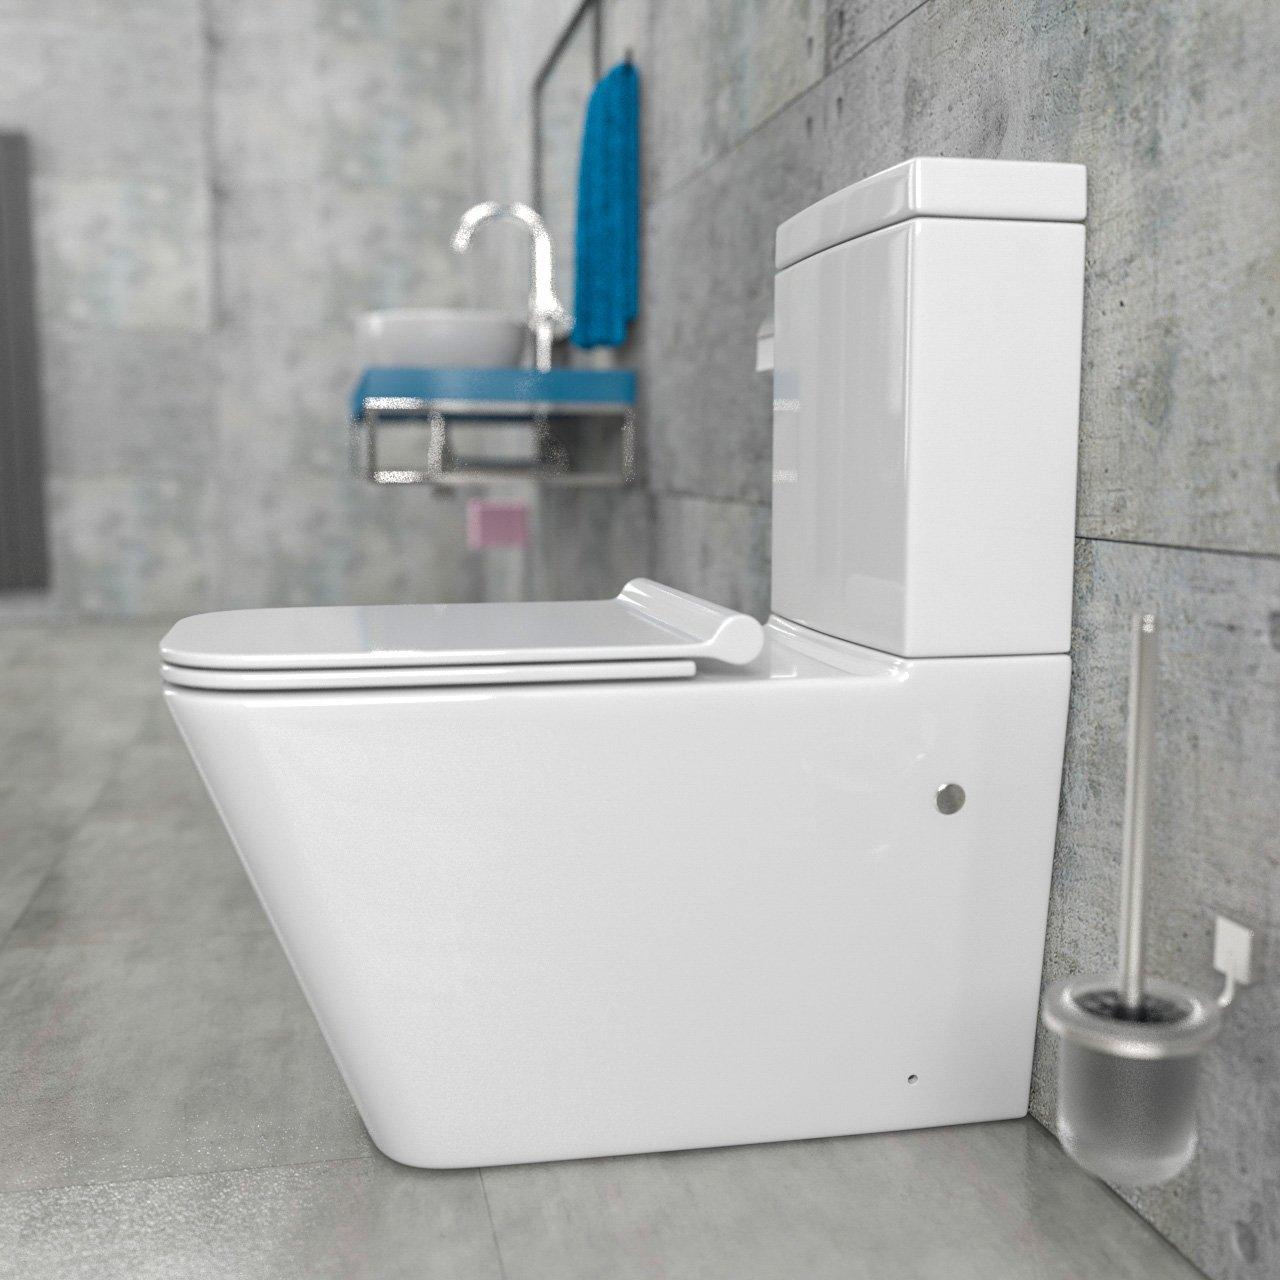 Stand WC kaufen unter 300€